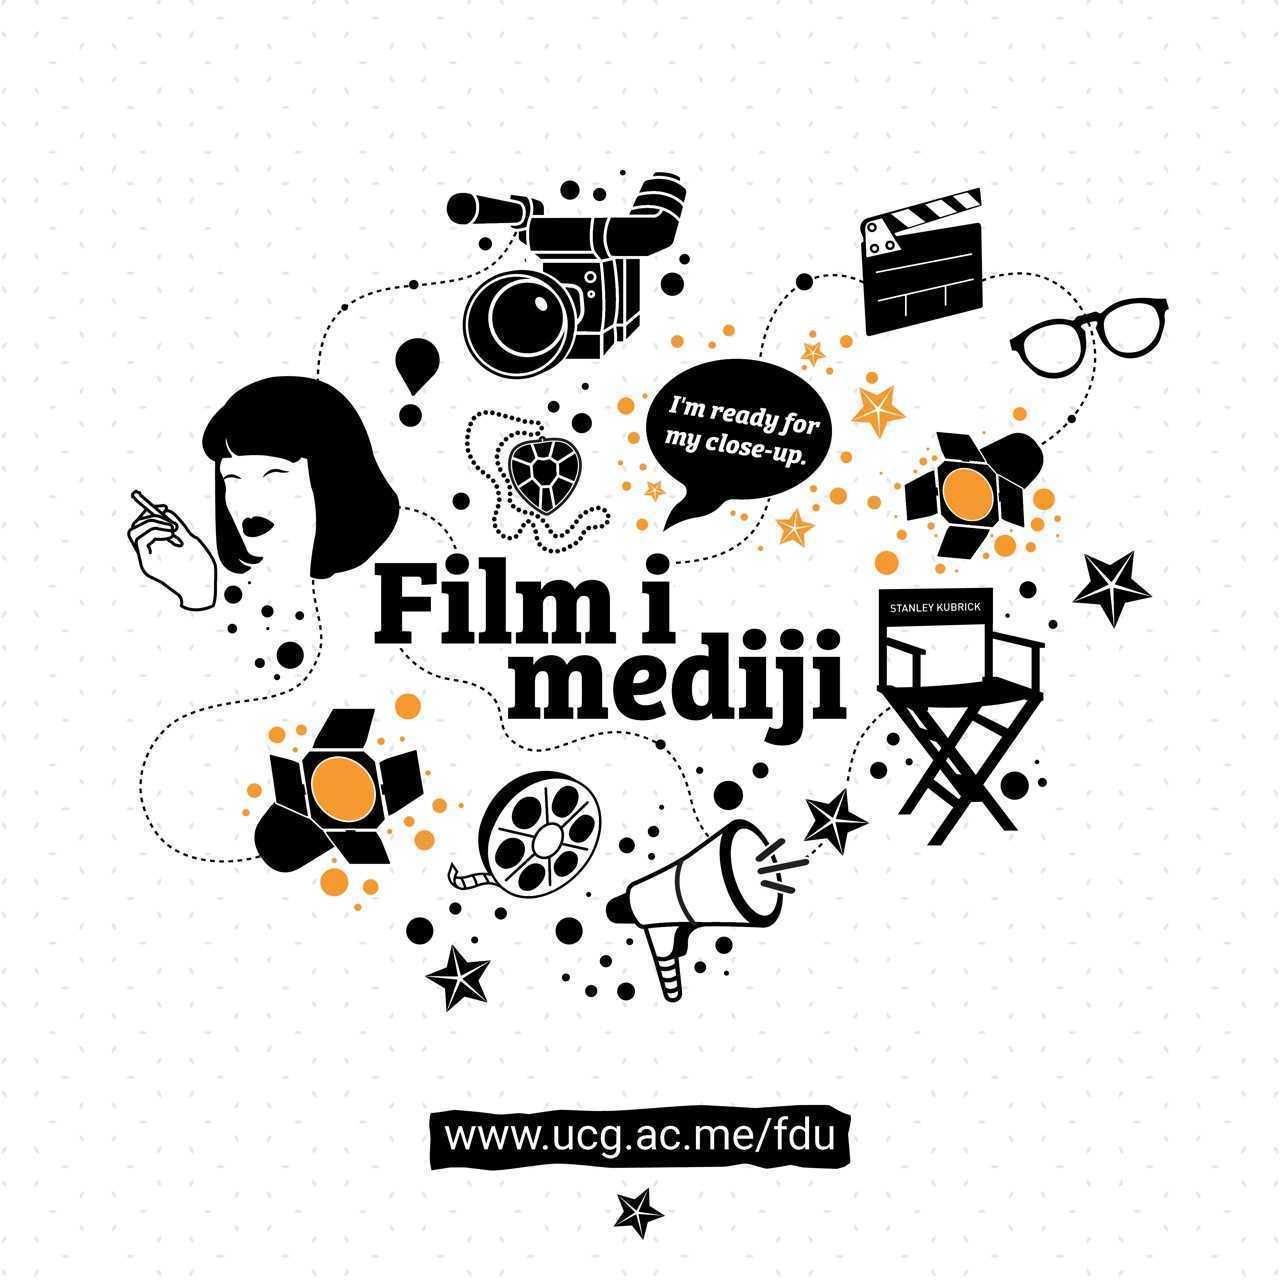 Konsultacije za prijemni ispit na studijskom programuFILM I MEDIJI